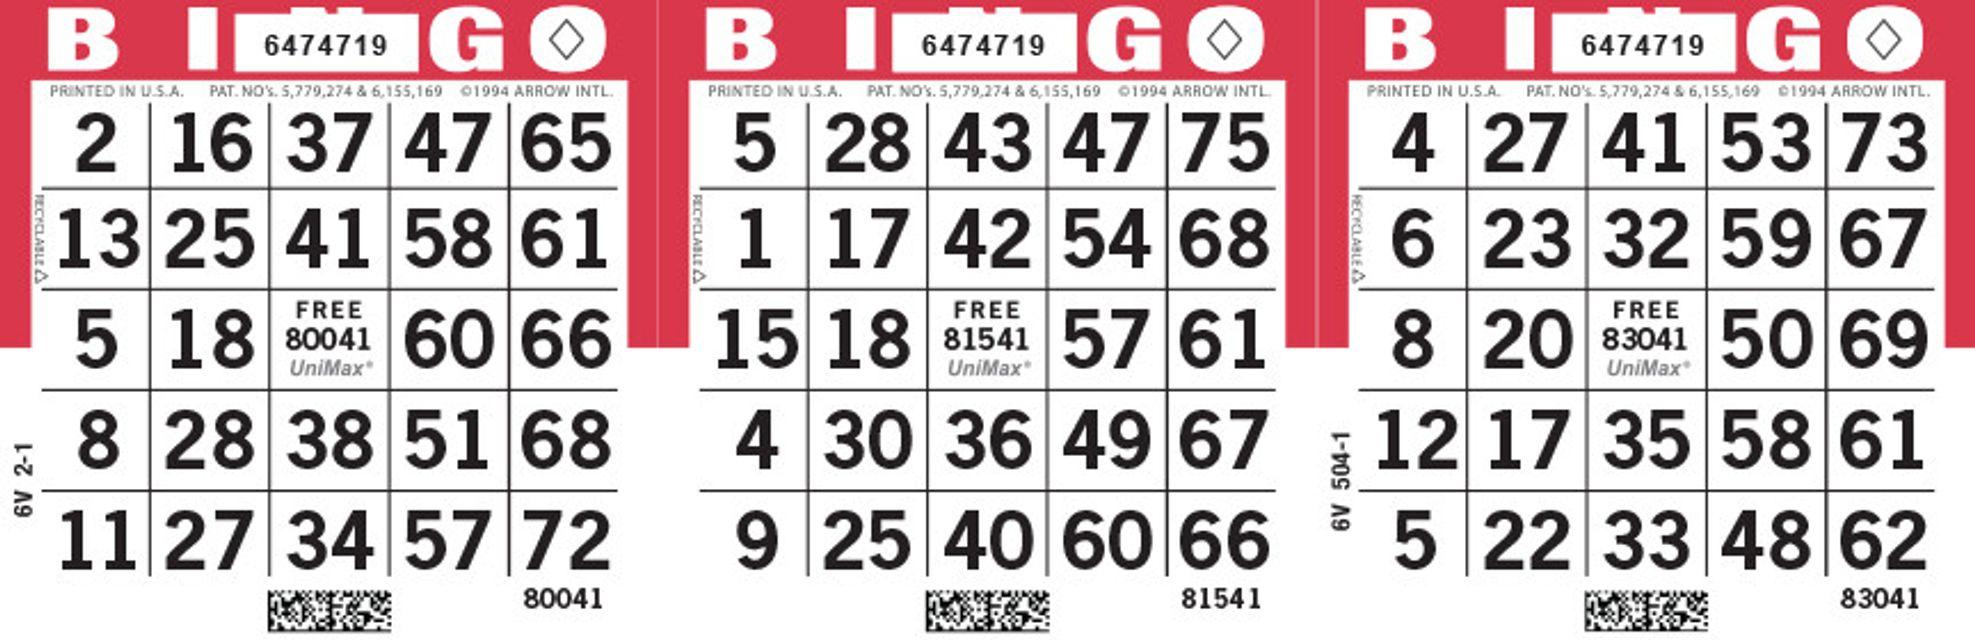 UniMax 3H Red CMYK Bingo Paper/UniMax Cuts/3H Cuts